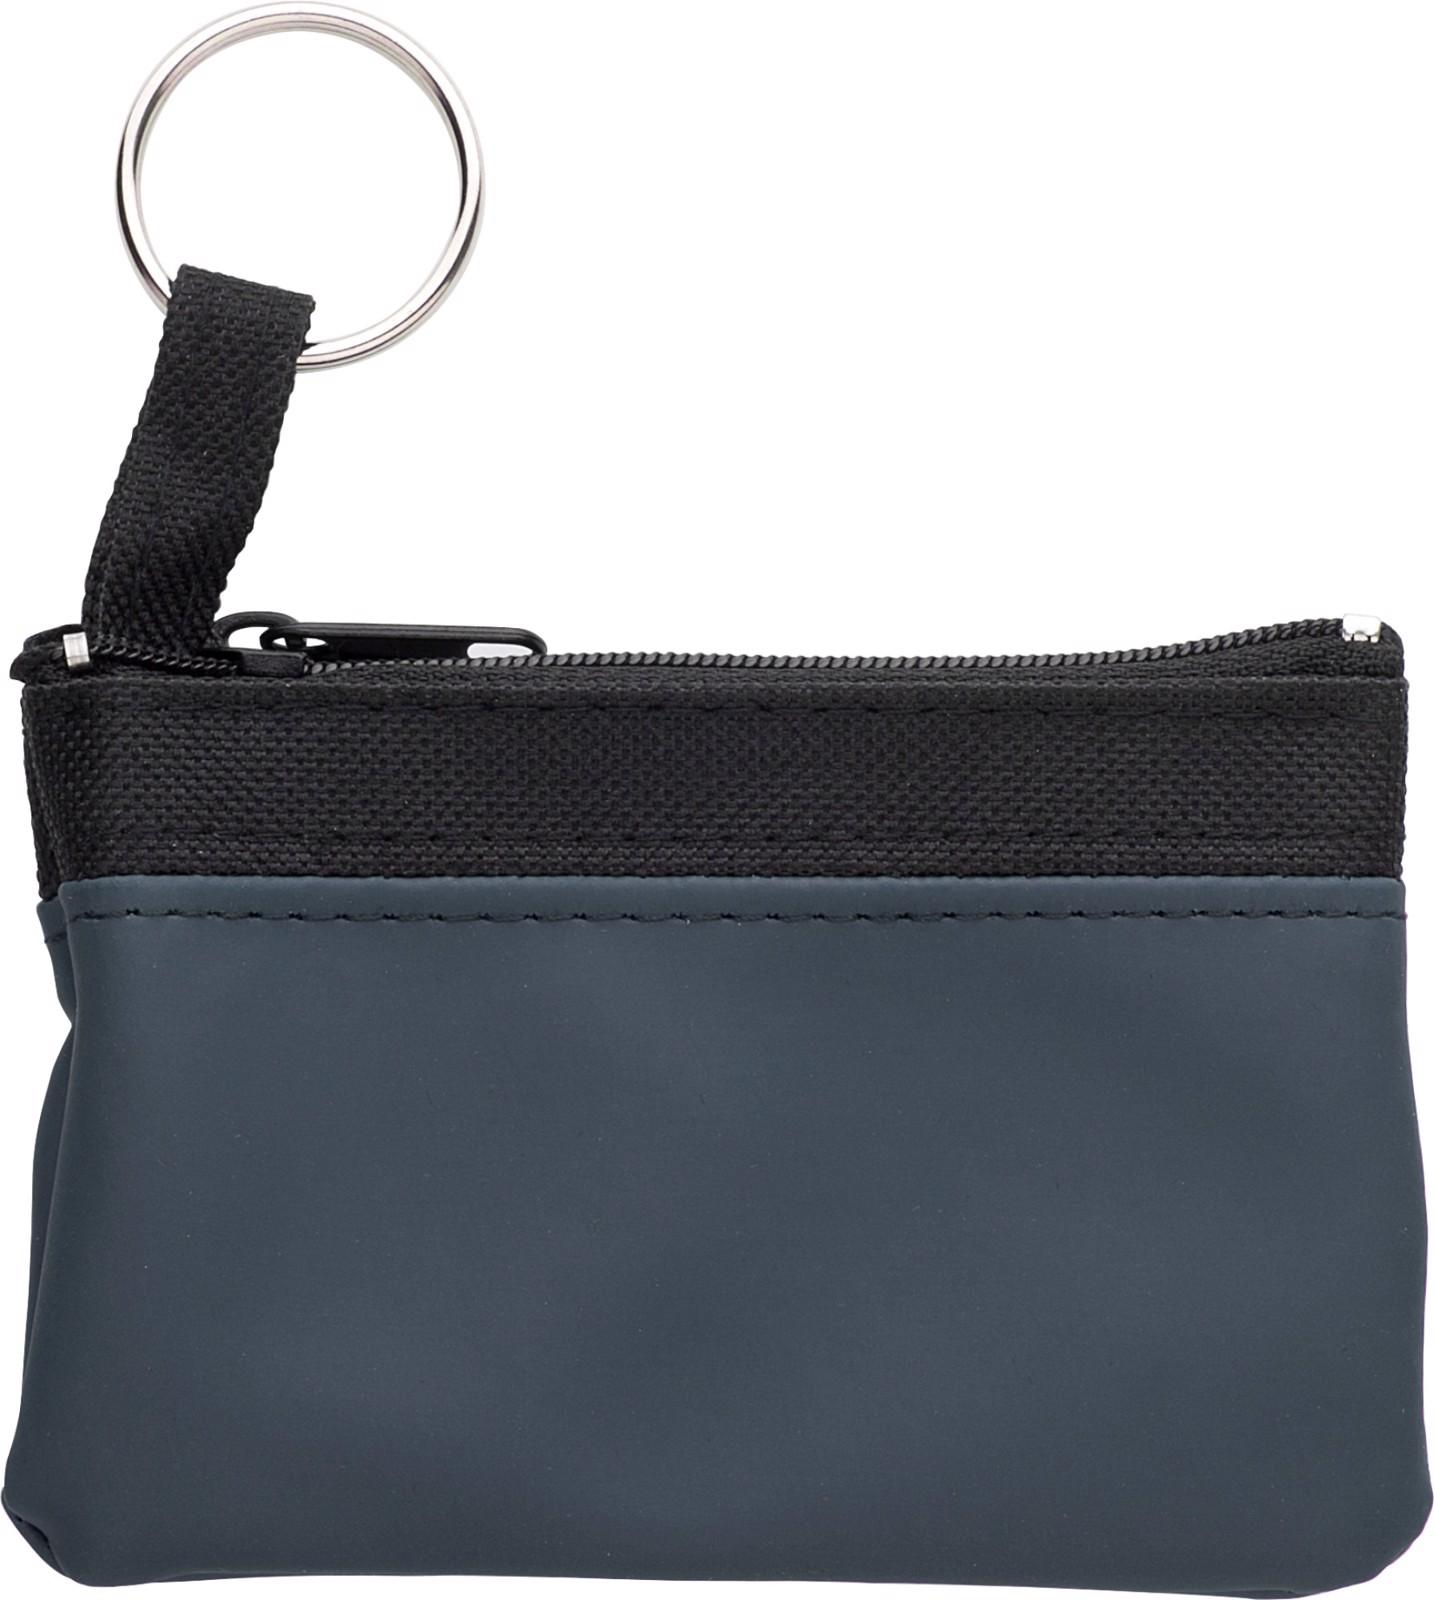 Nylon (600D) key wallet - Blue